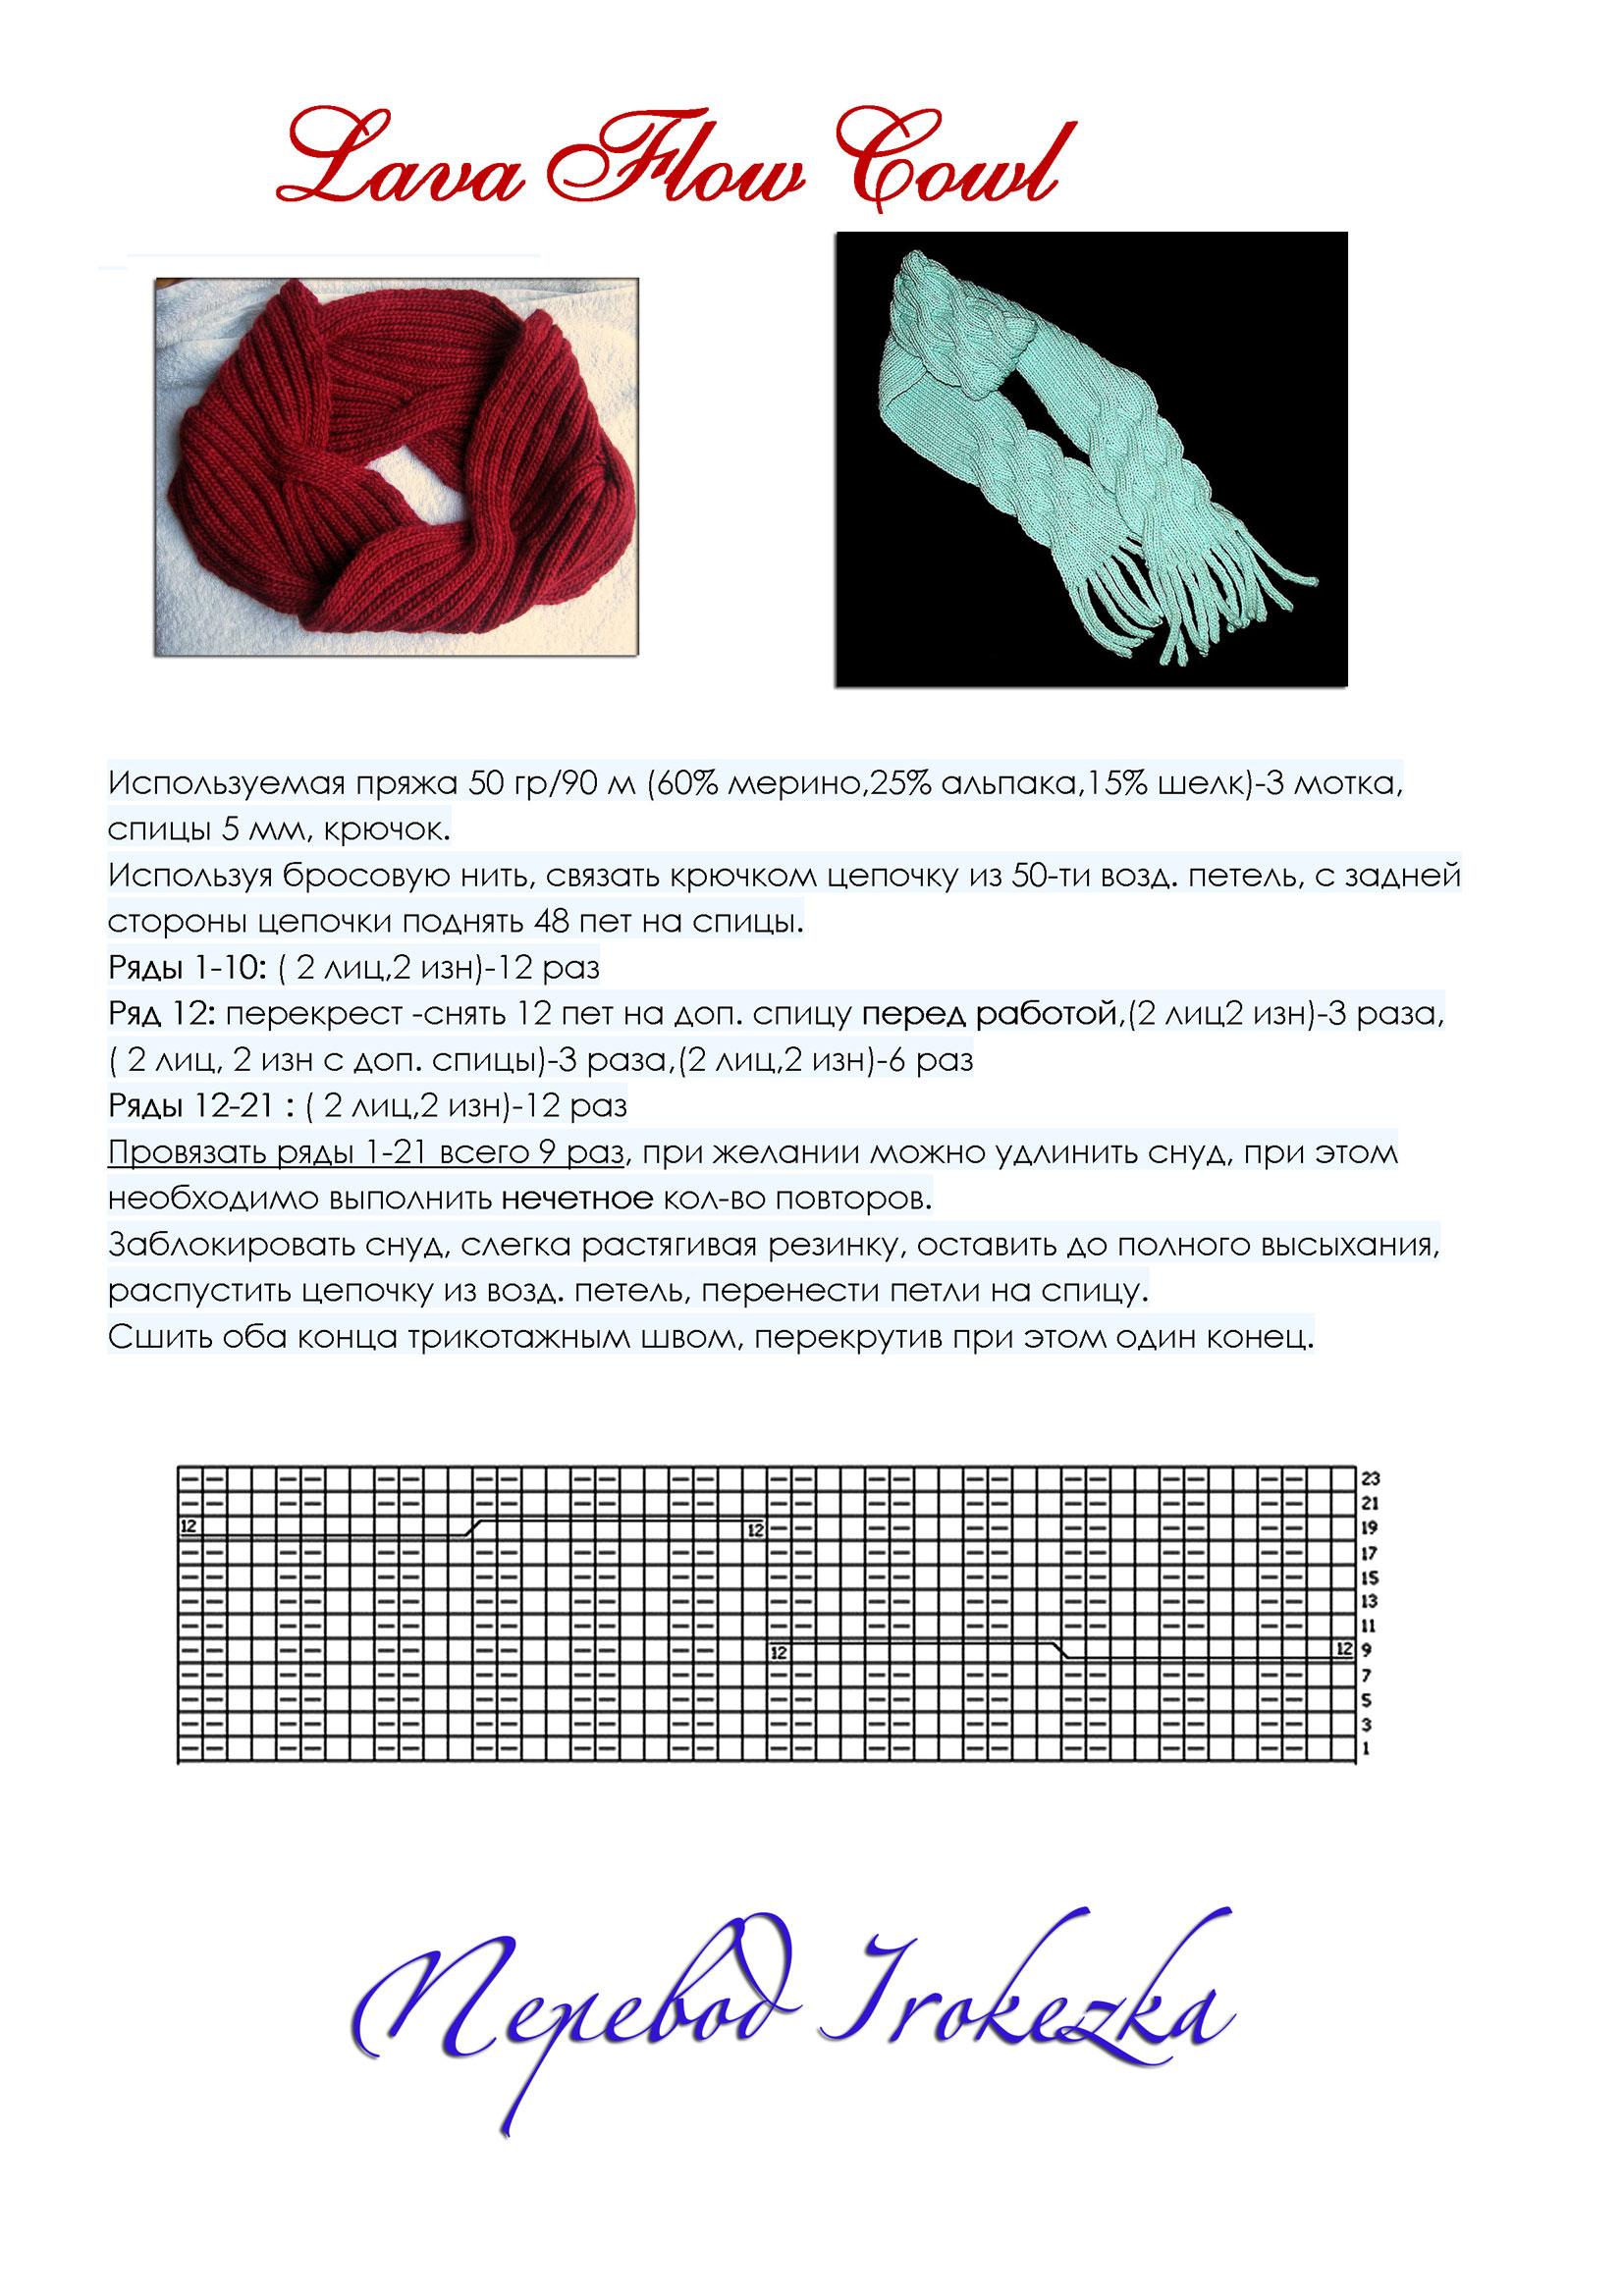 Как связать шарф - 36 моделей и схем с описанием для начинающих 3